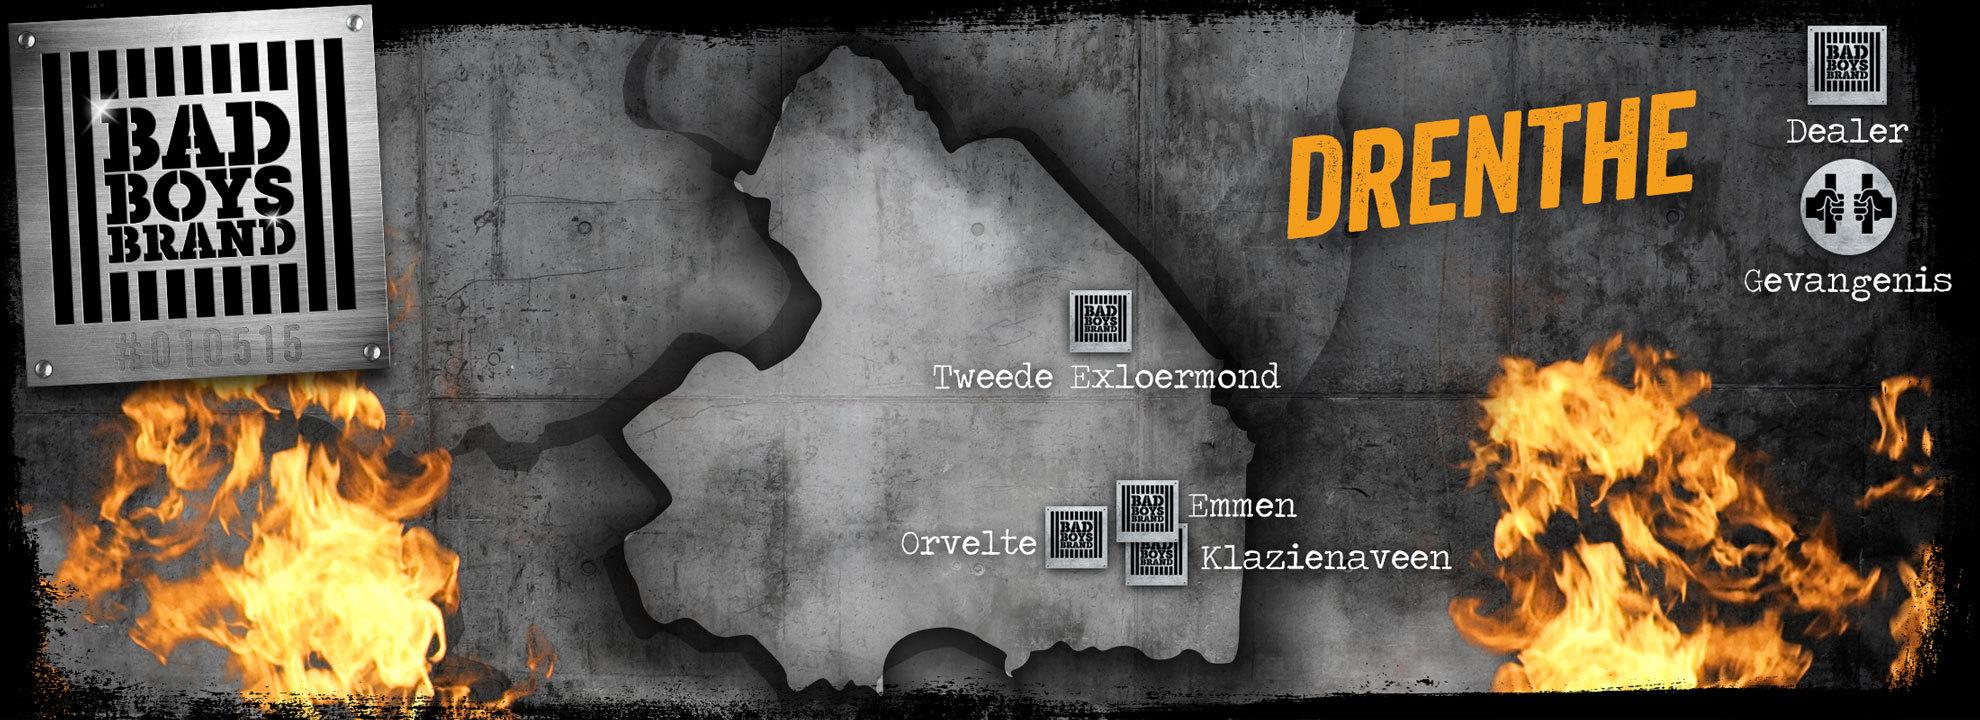 Dealers Drenthe